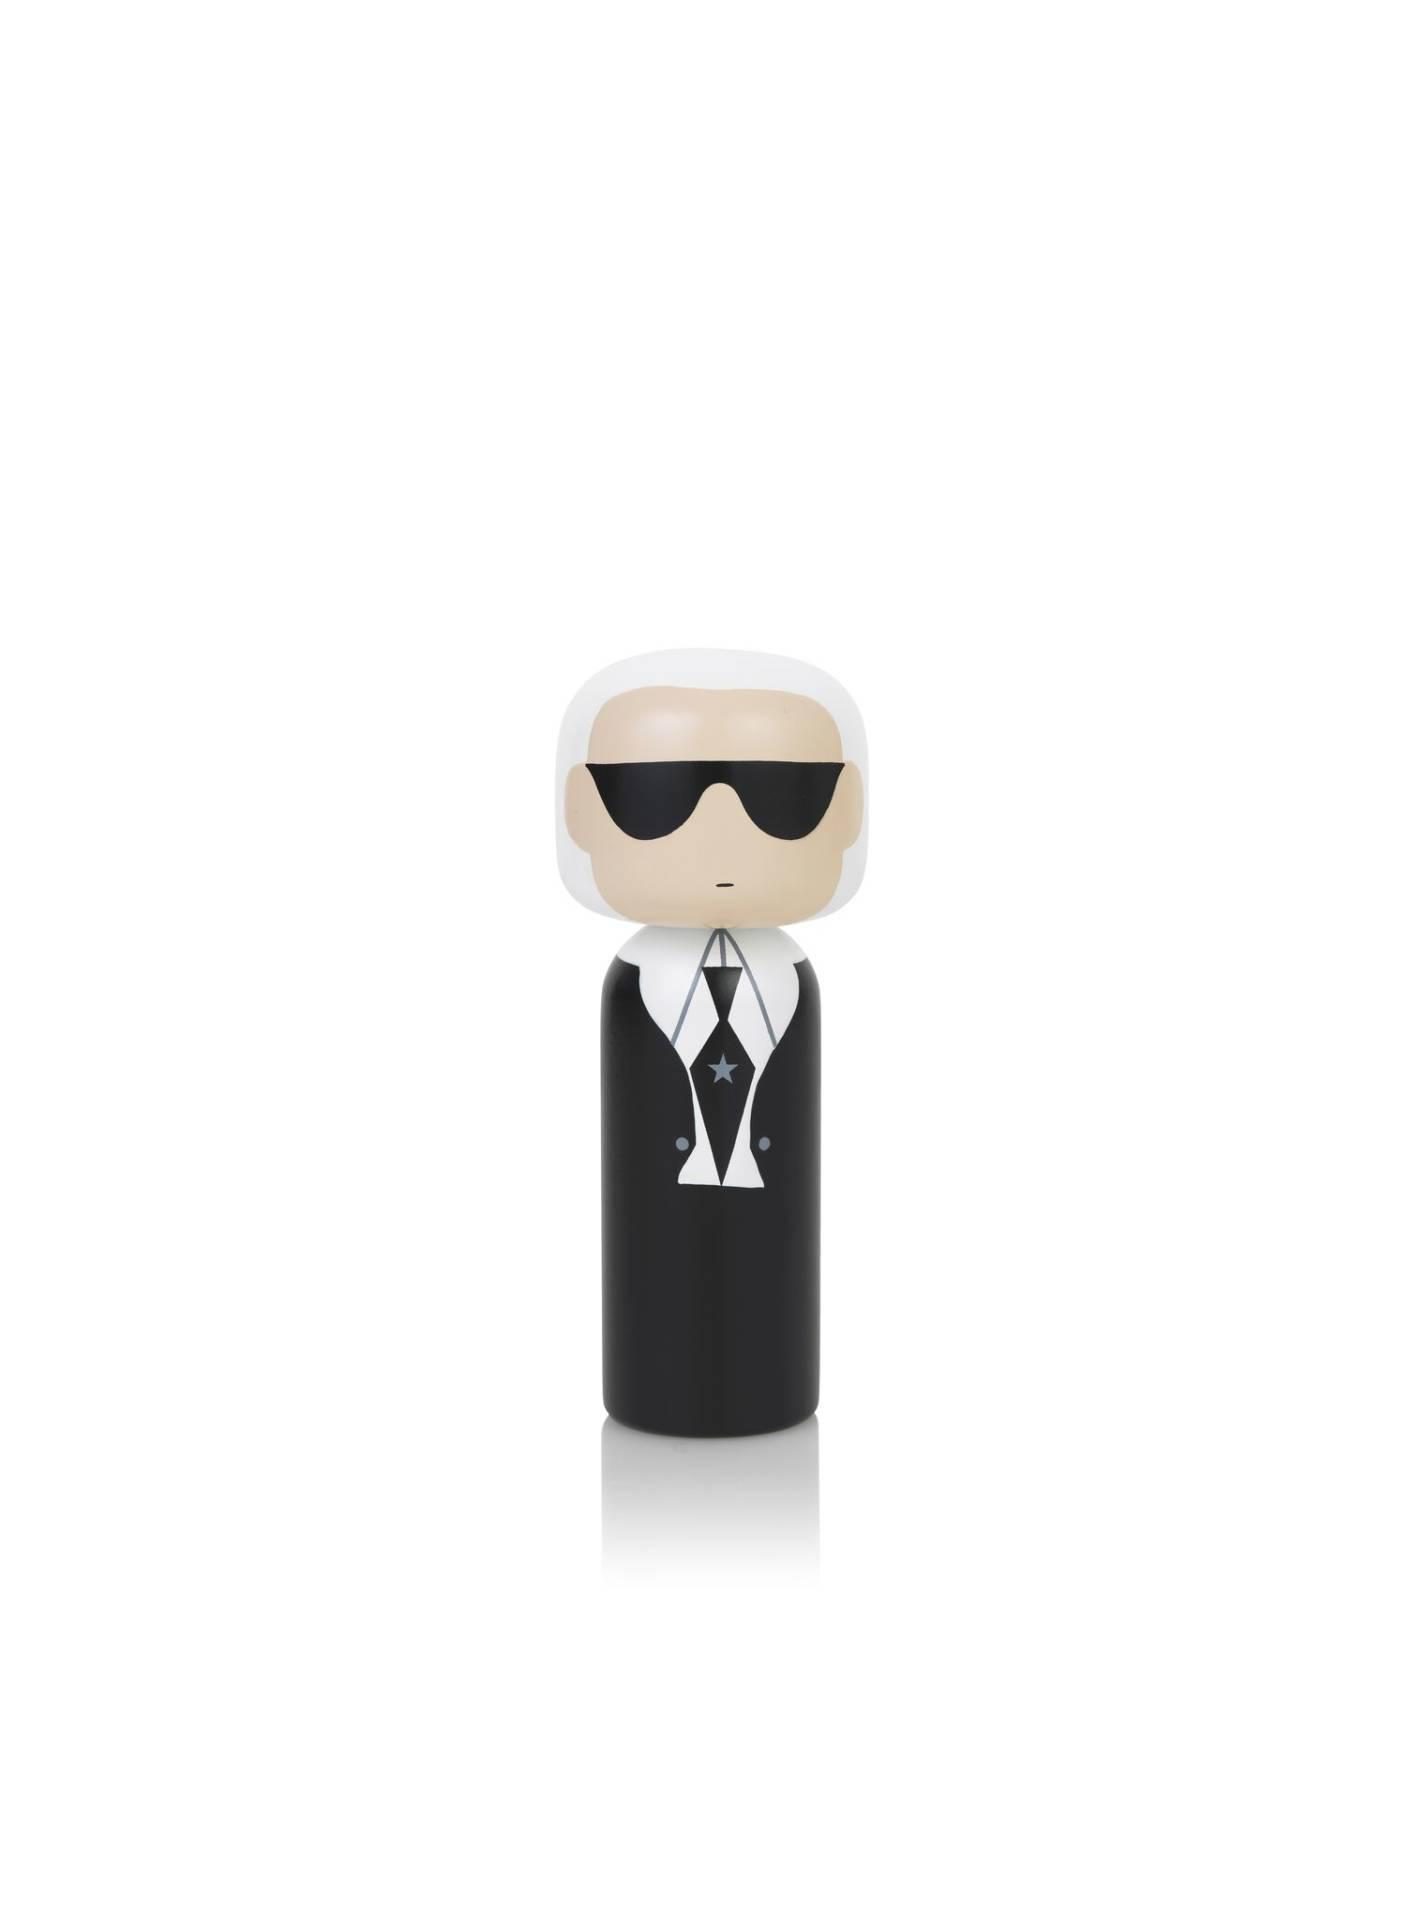 Poupée en bois Karl Lagerfeld H14,5cm : 39€ chez Inspiration Design à Colmar